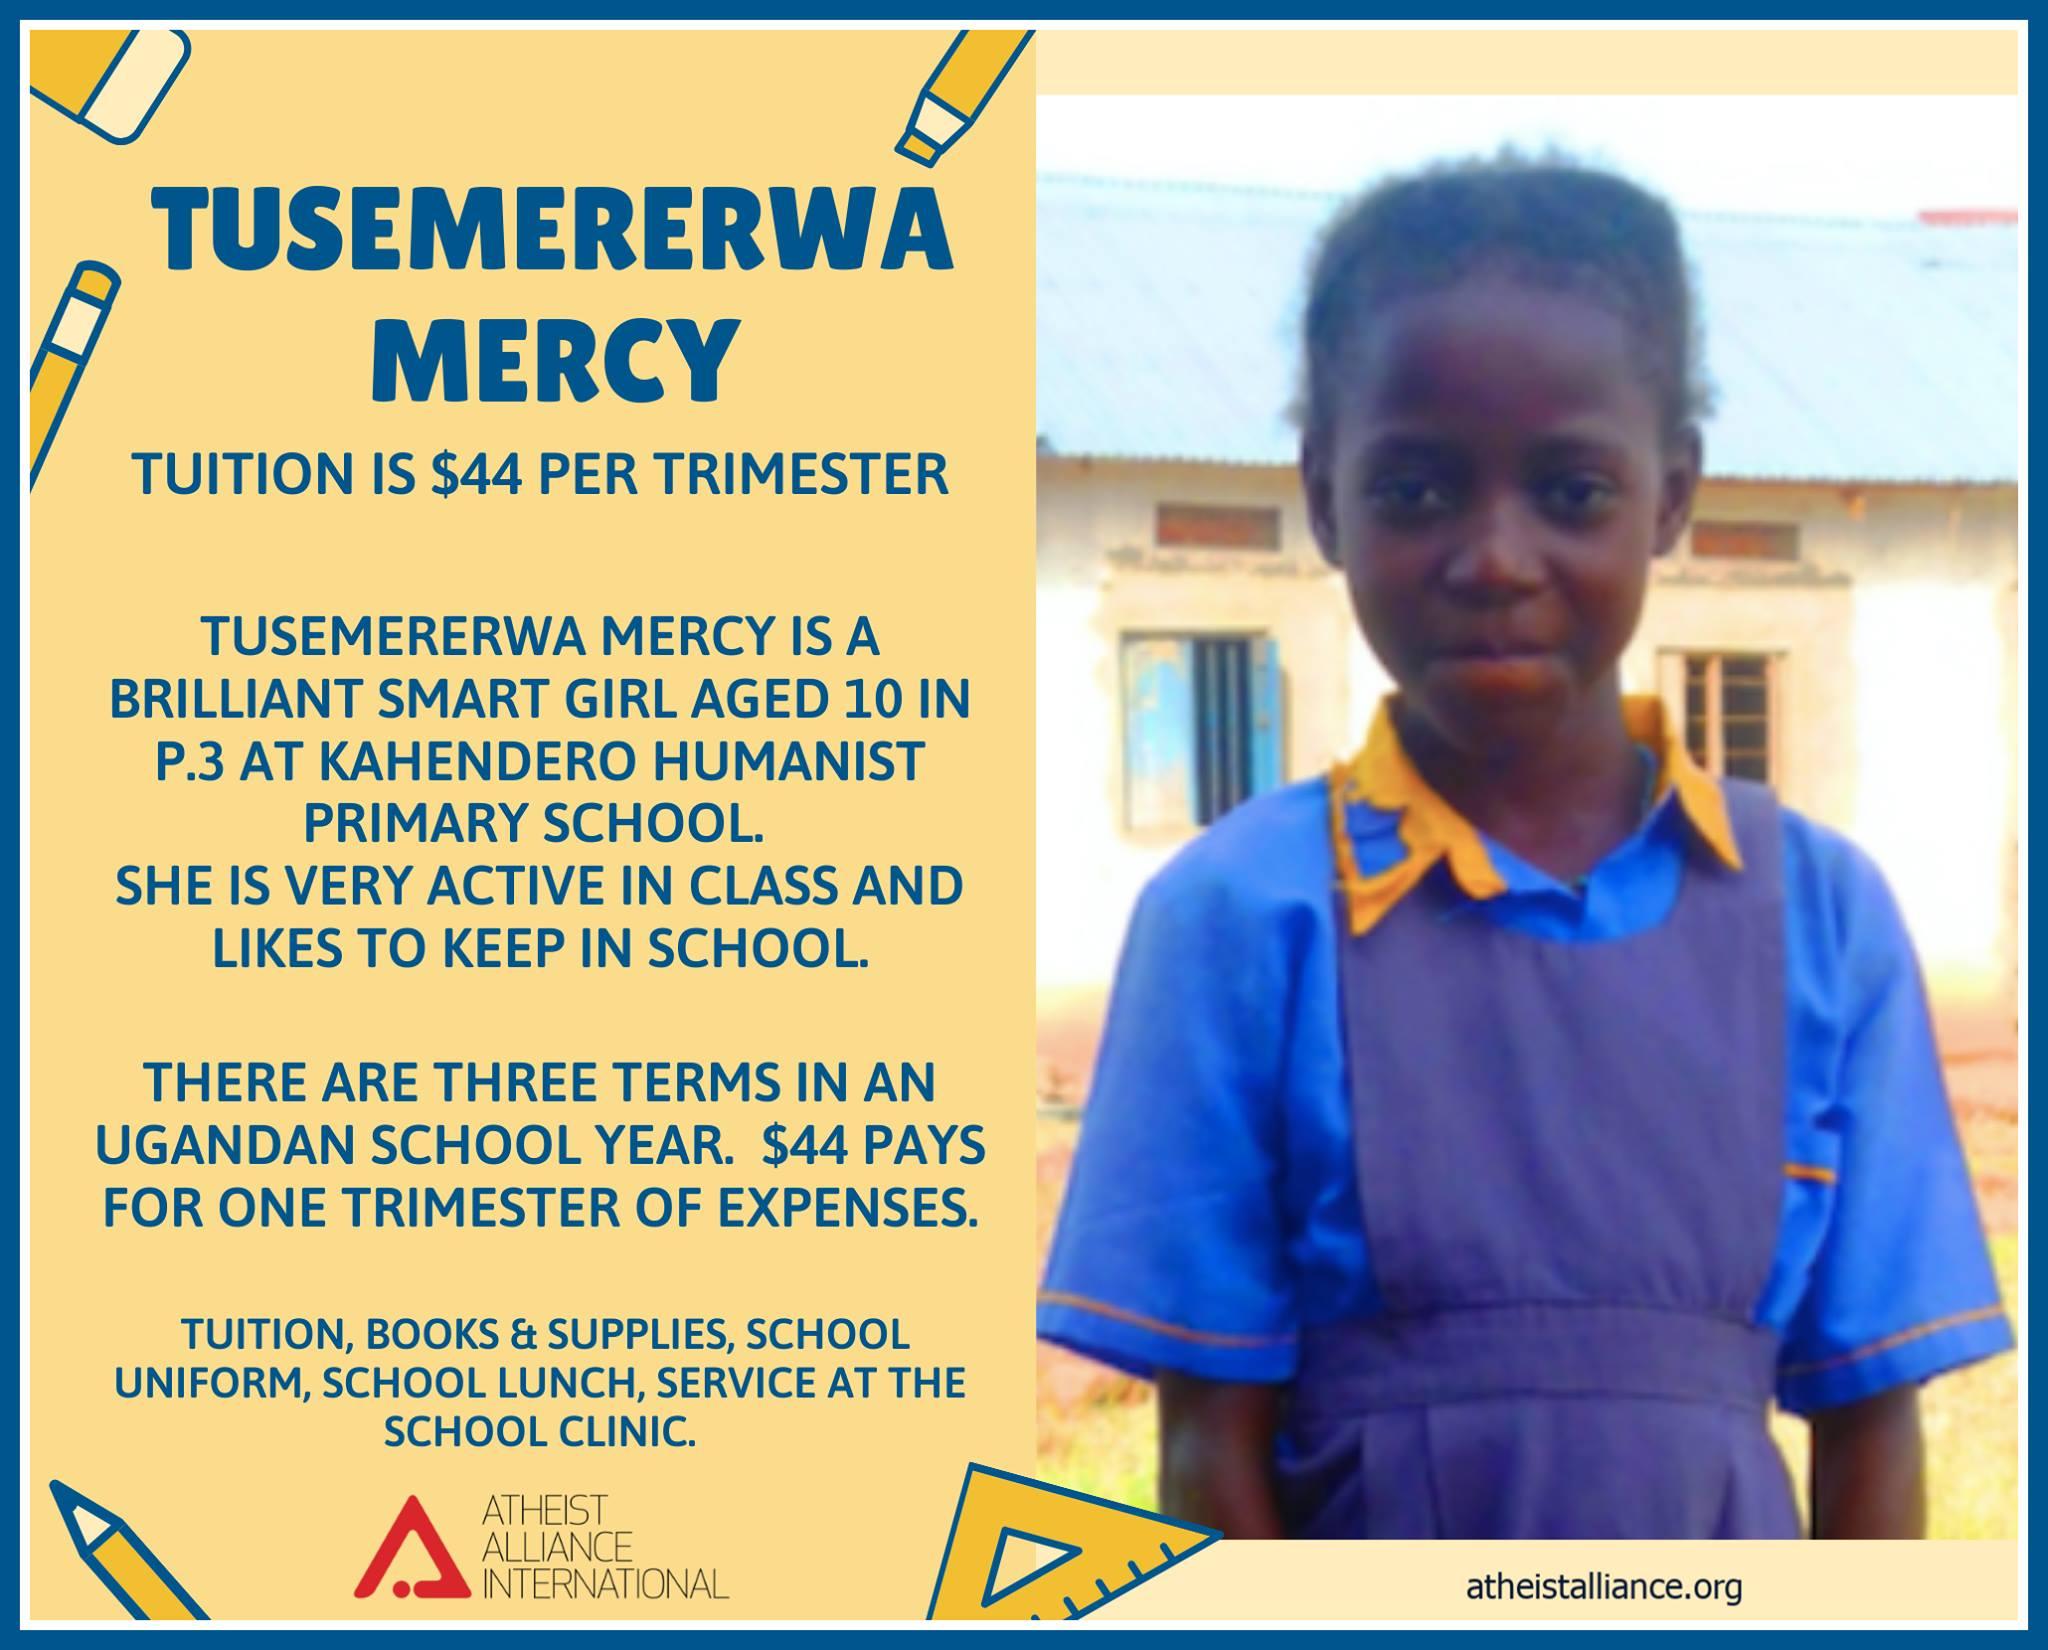 Tusemererwa Mercy